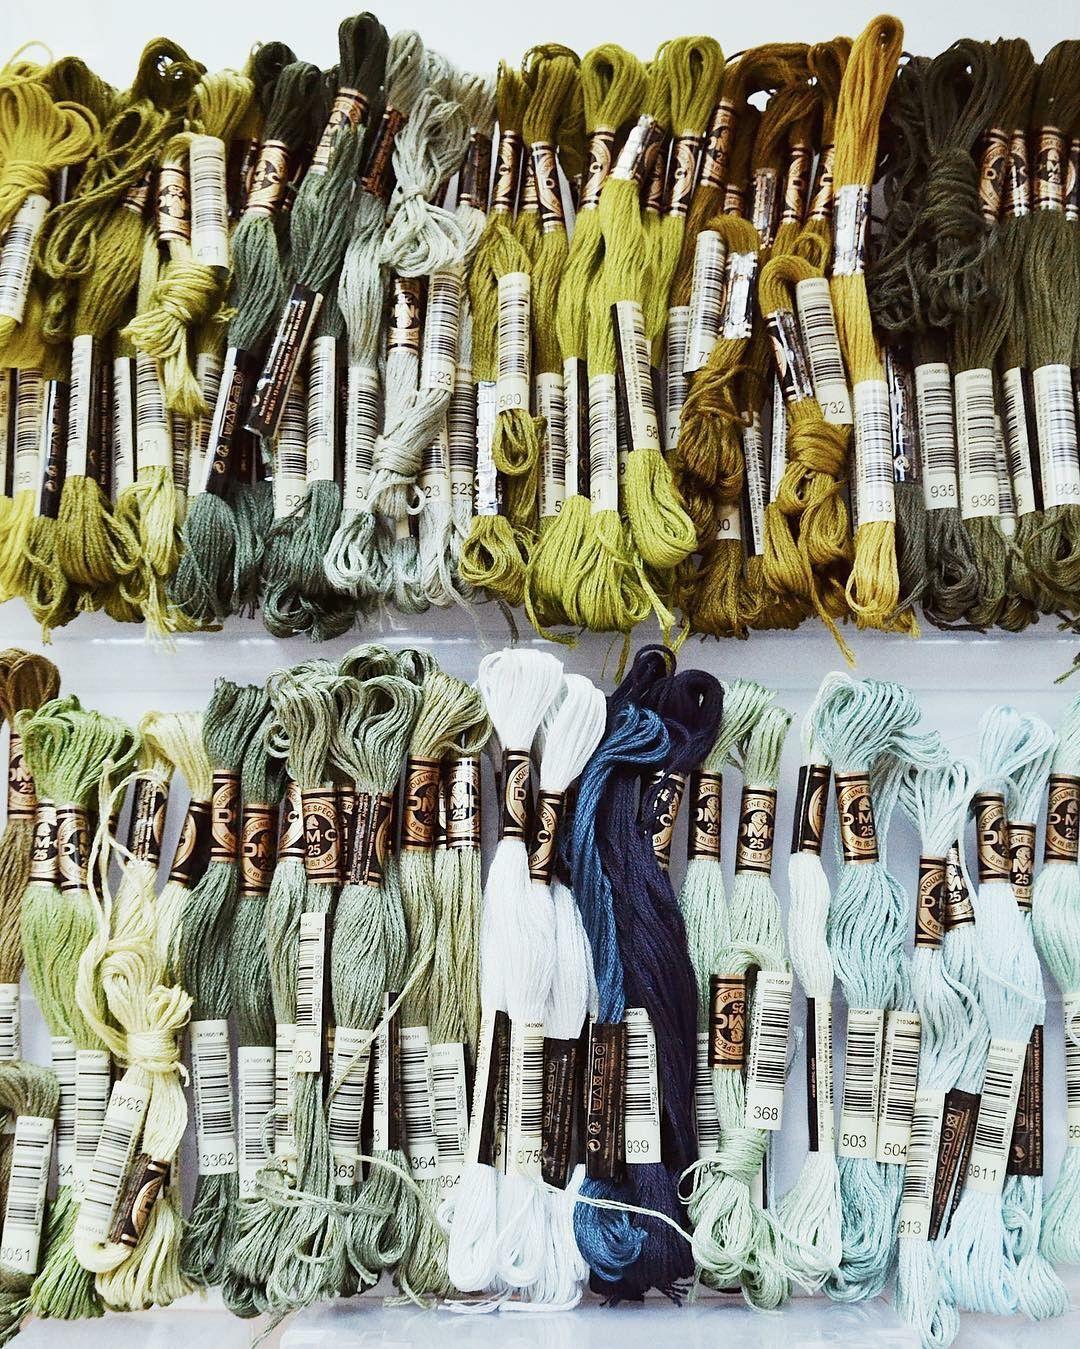 Пляжный отдых в джунглях: пейзажная вышивка от Fenny Suter